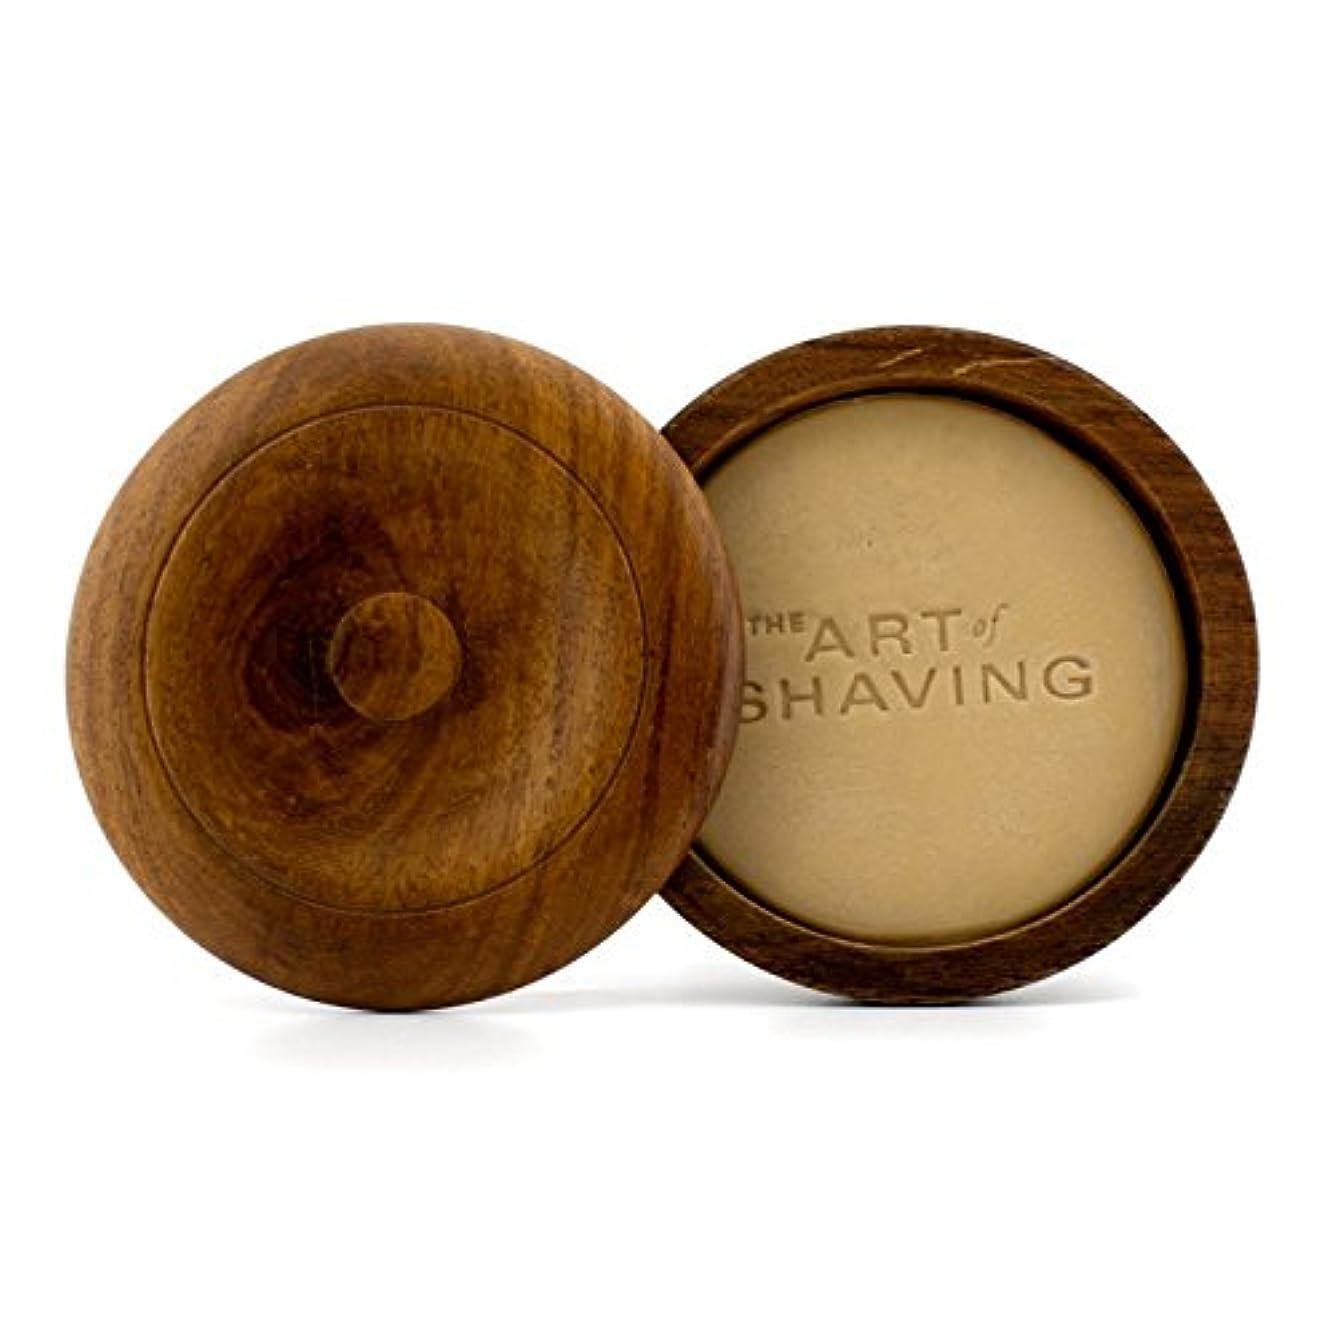 雇った皿断片アートオブシェービング シェービングソープ ケース付 -無香 (敏感肌用) 95g/3.4oz並行輸入品